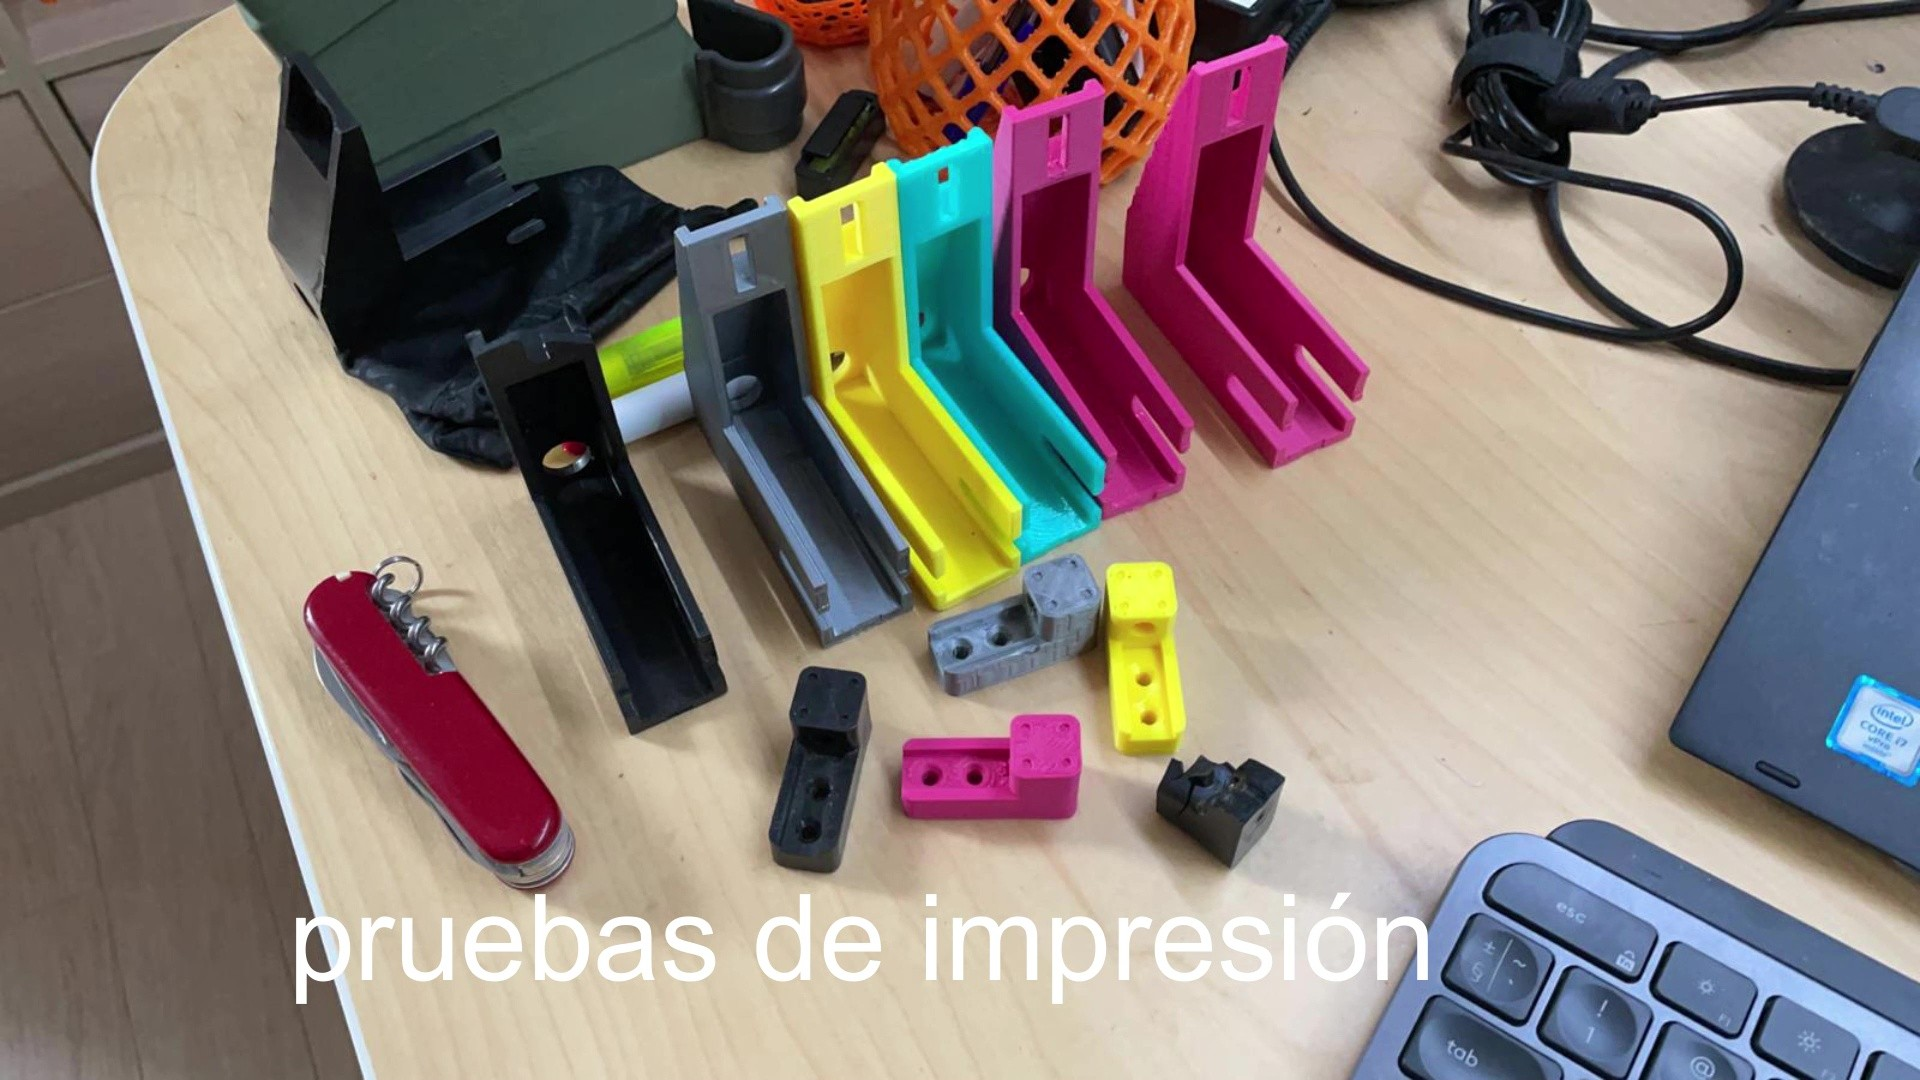 Pruebas de impresión de piezas para Retractiladora